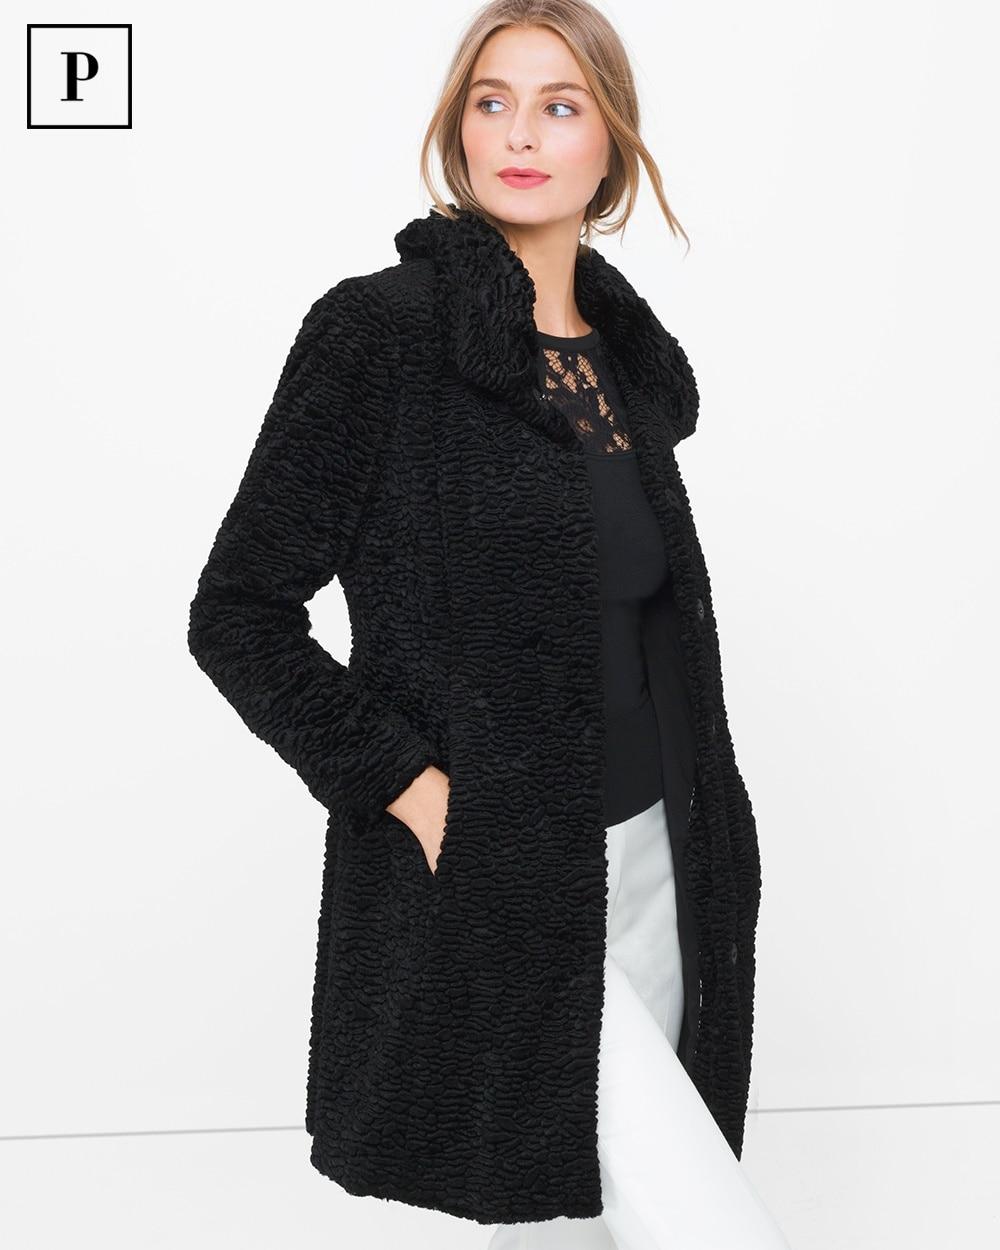 6b6cb71c9a538 Petite Persian Faux-Fur Coat - White House Black Market